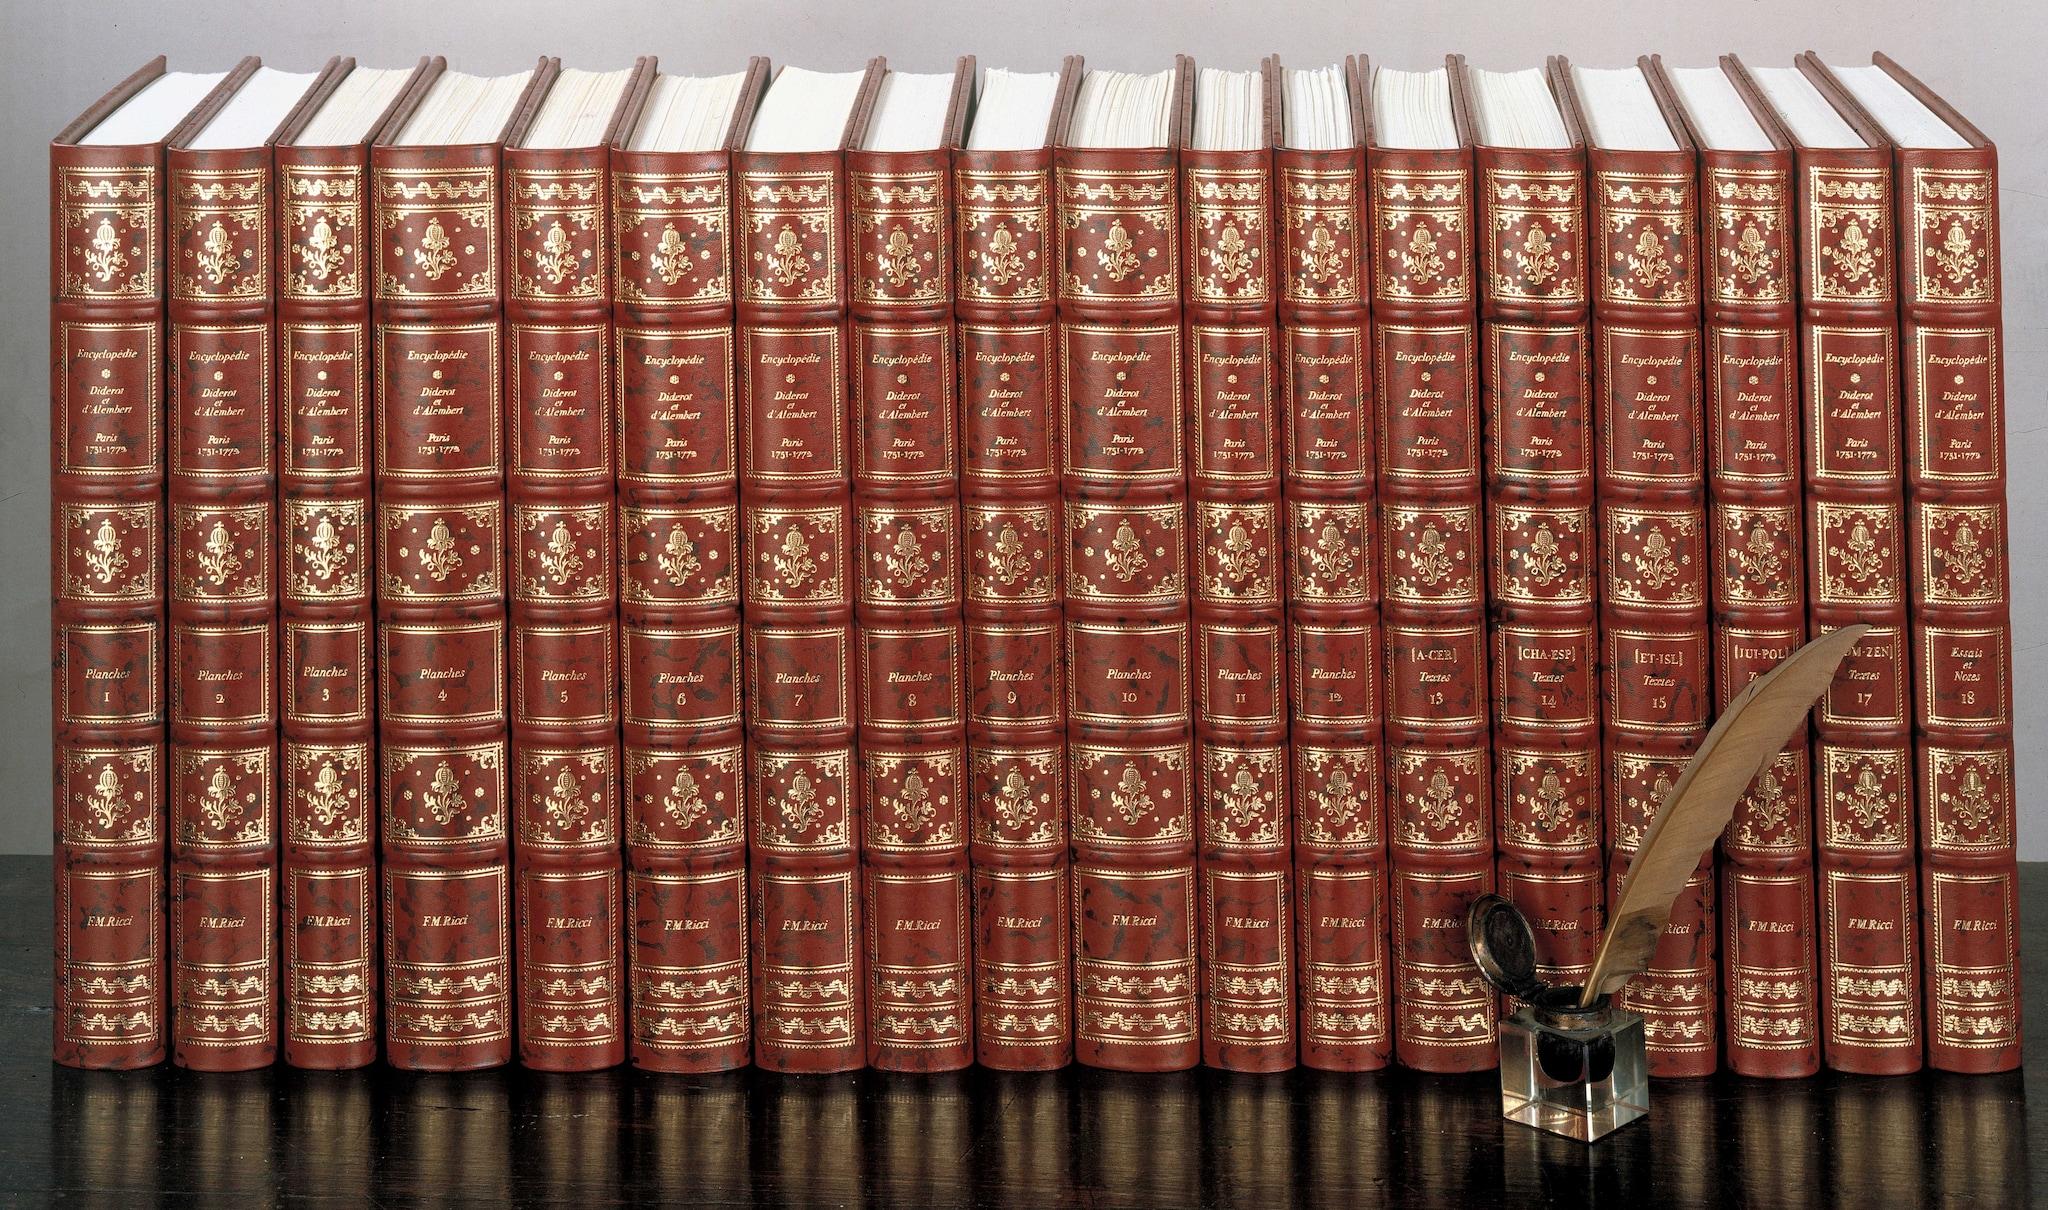 (Archivio Franco Maria Ricci). Ristampa Enciclopedia di Diderot e d'Alambert